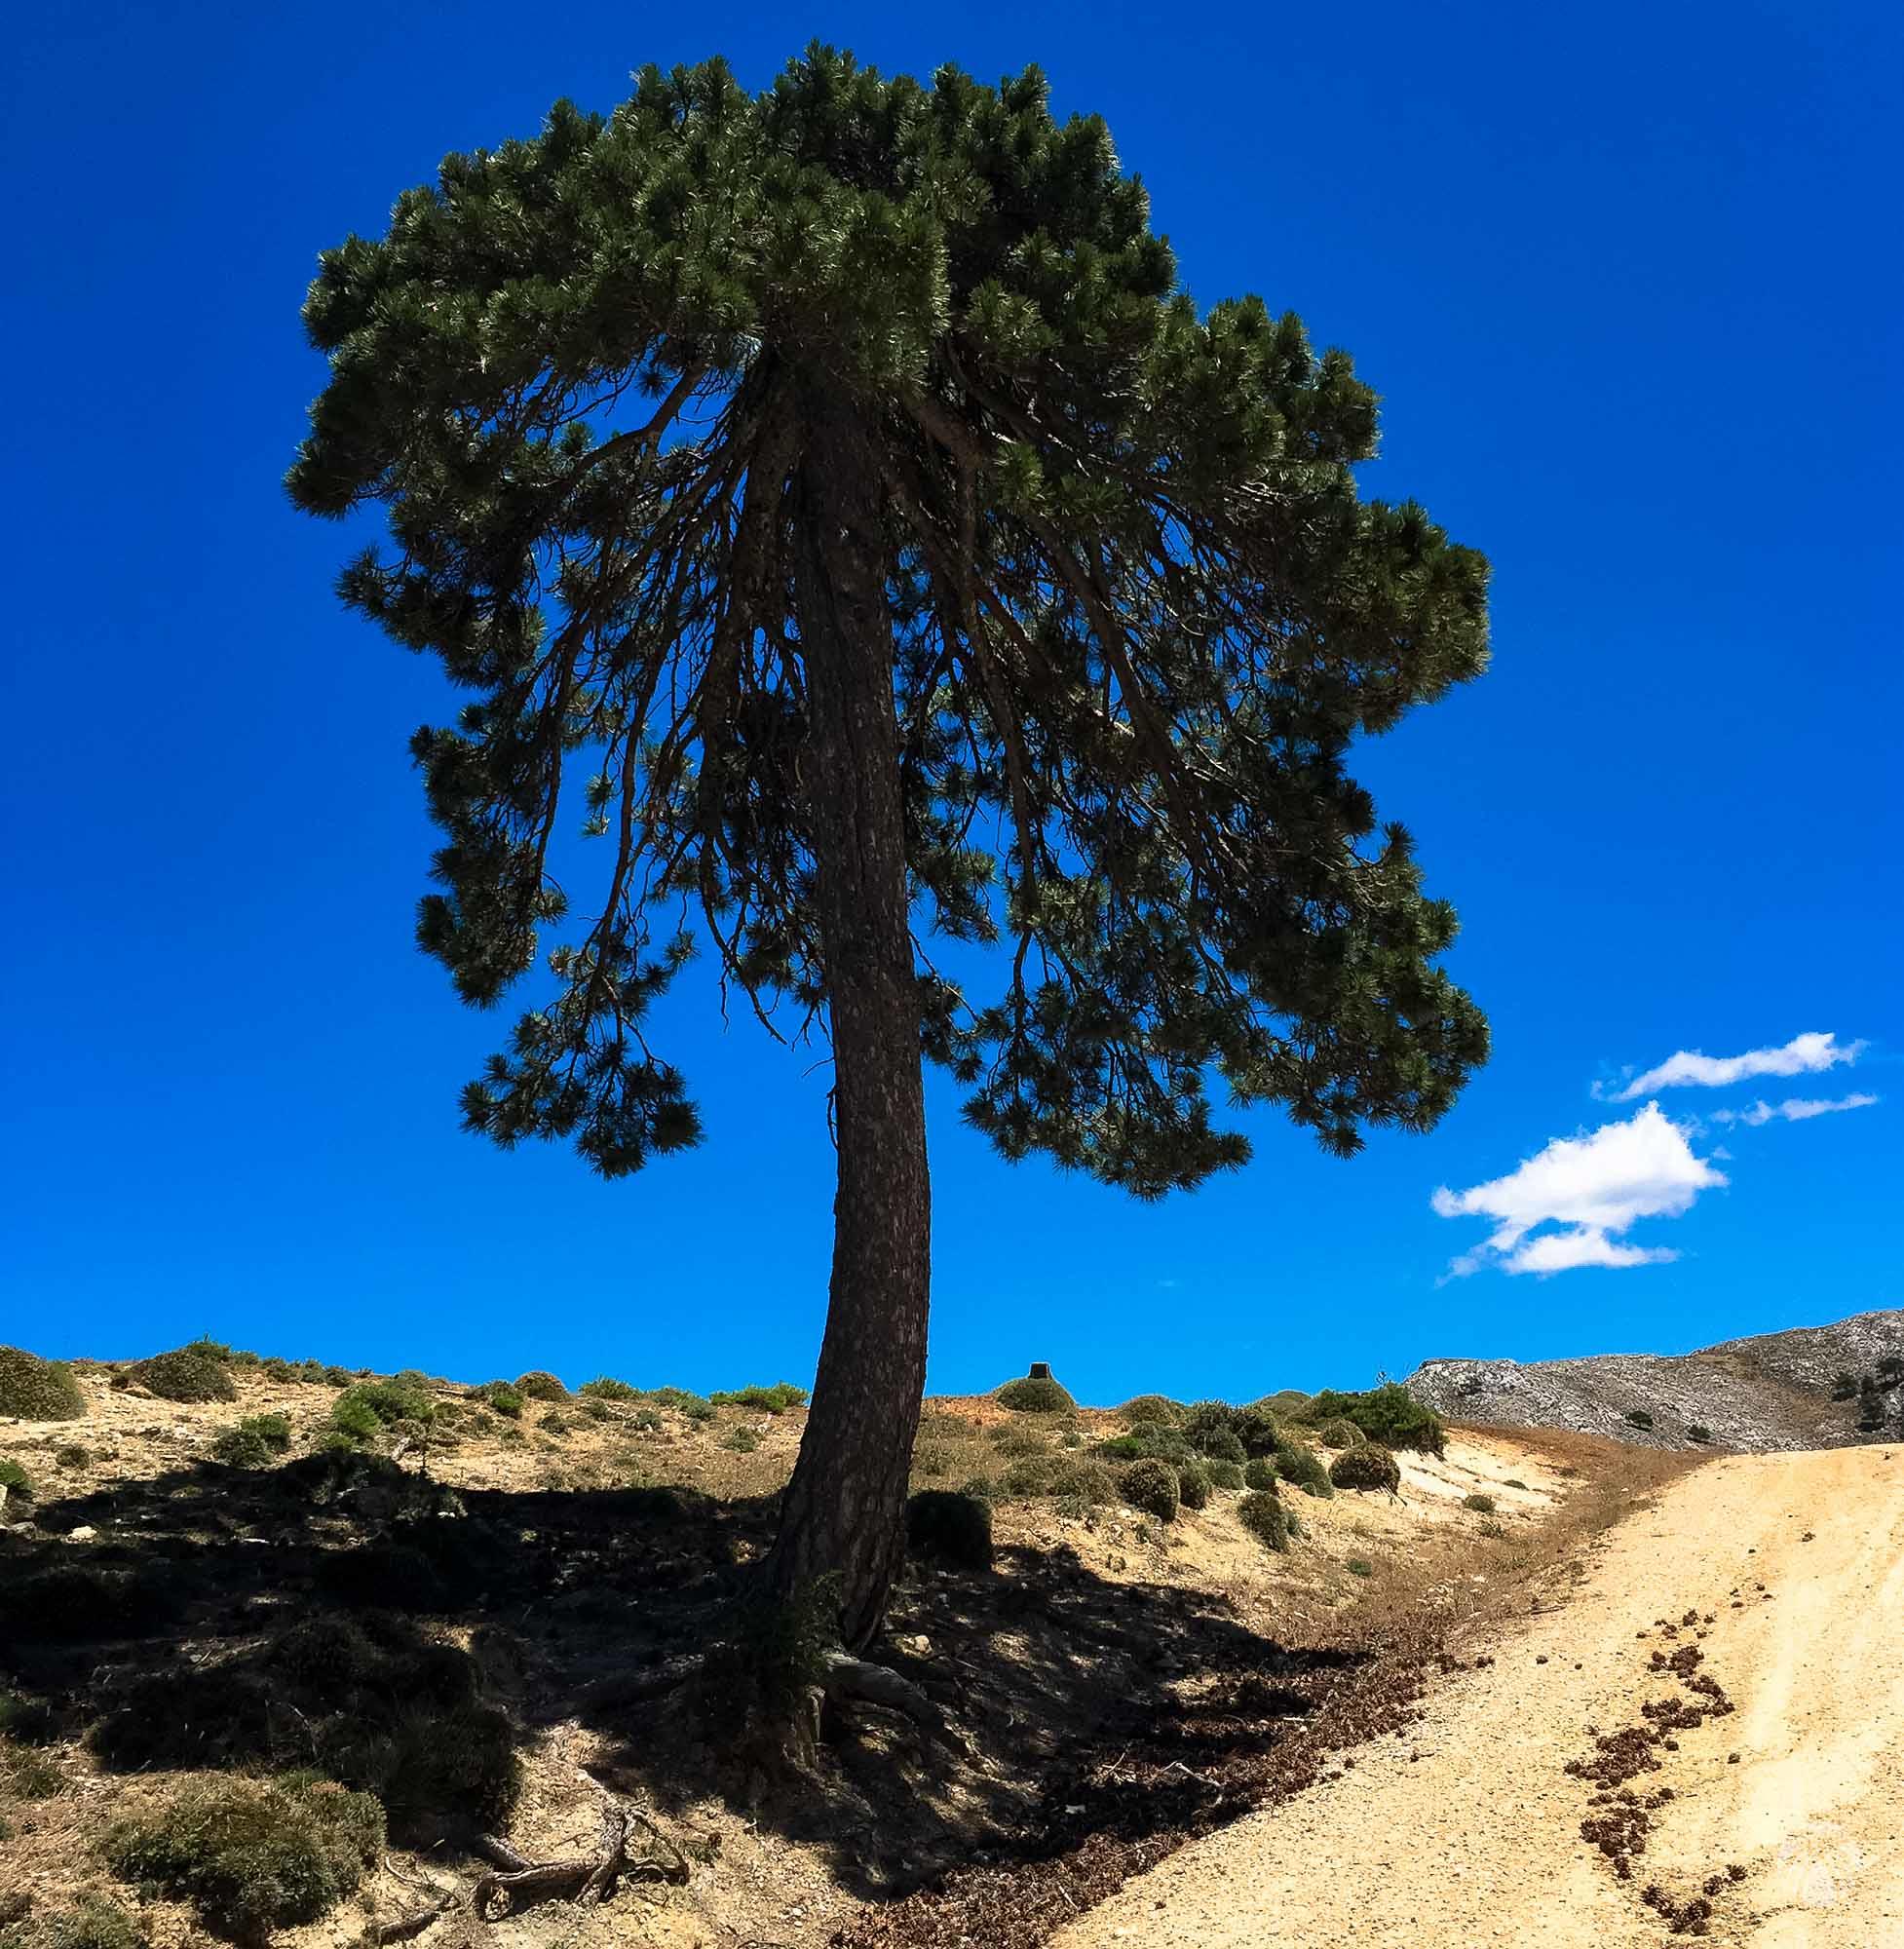 Pino solitario en la zona de cumbres